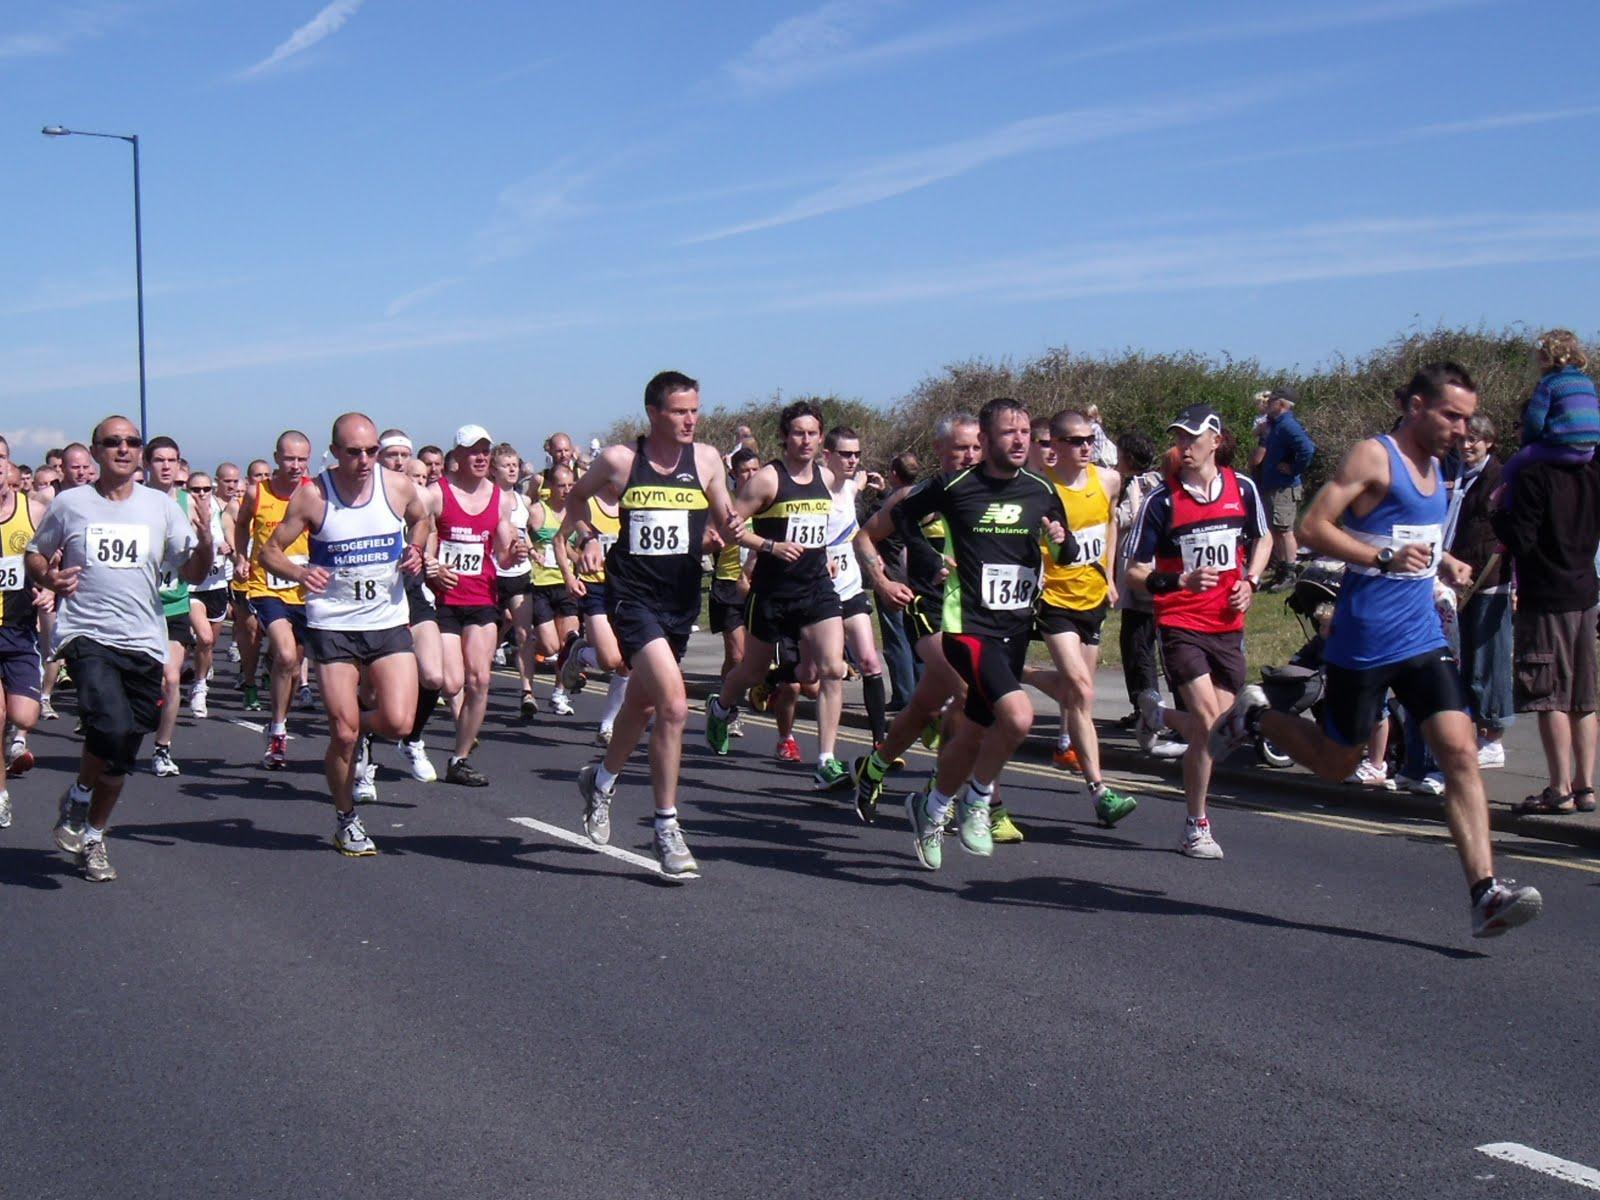 Marathon Running Wallpaper Redcar half marathon 2011 1600x1200